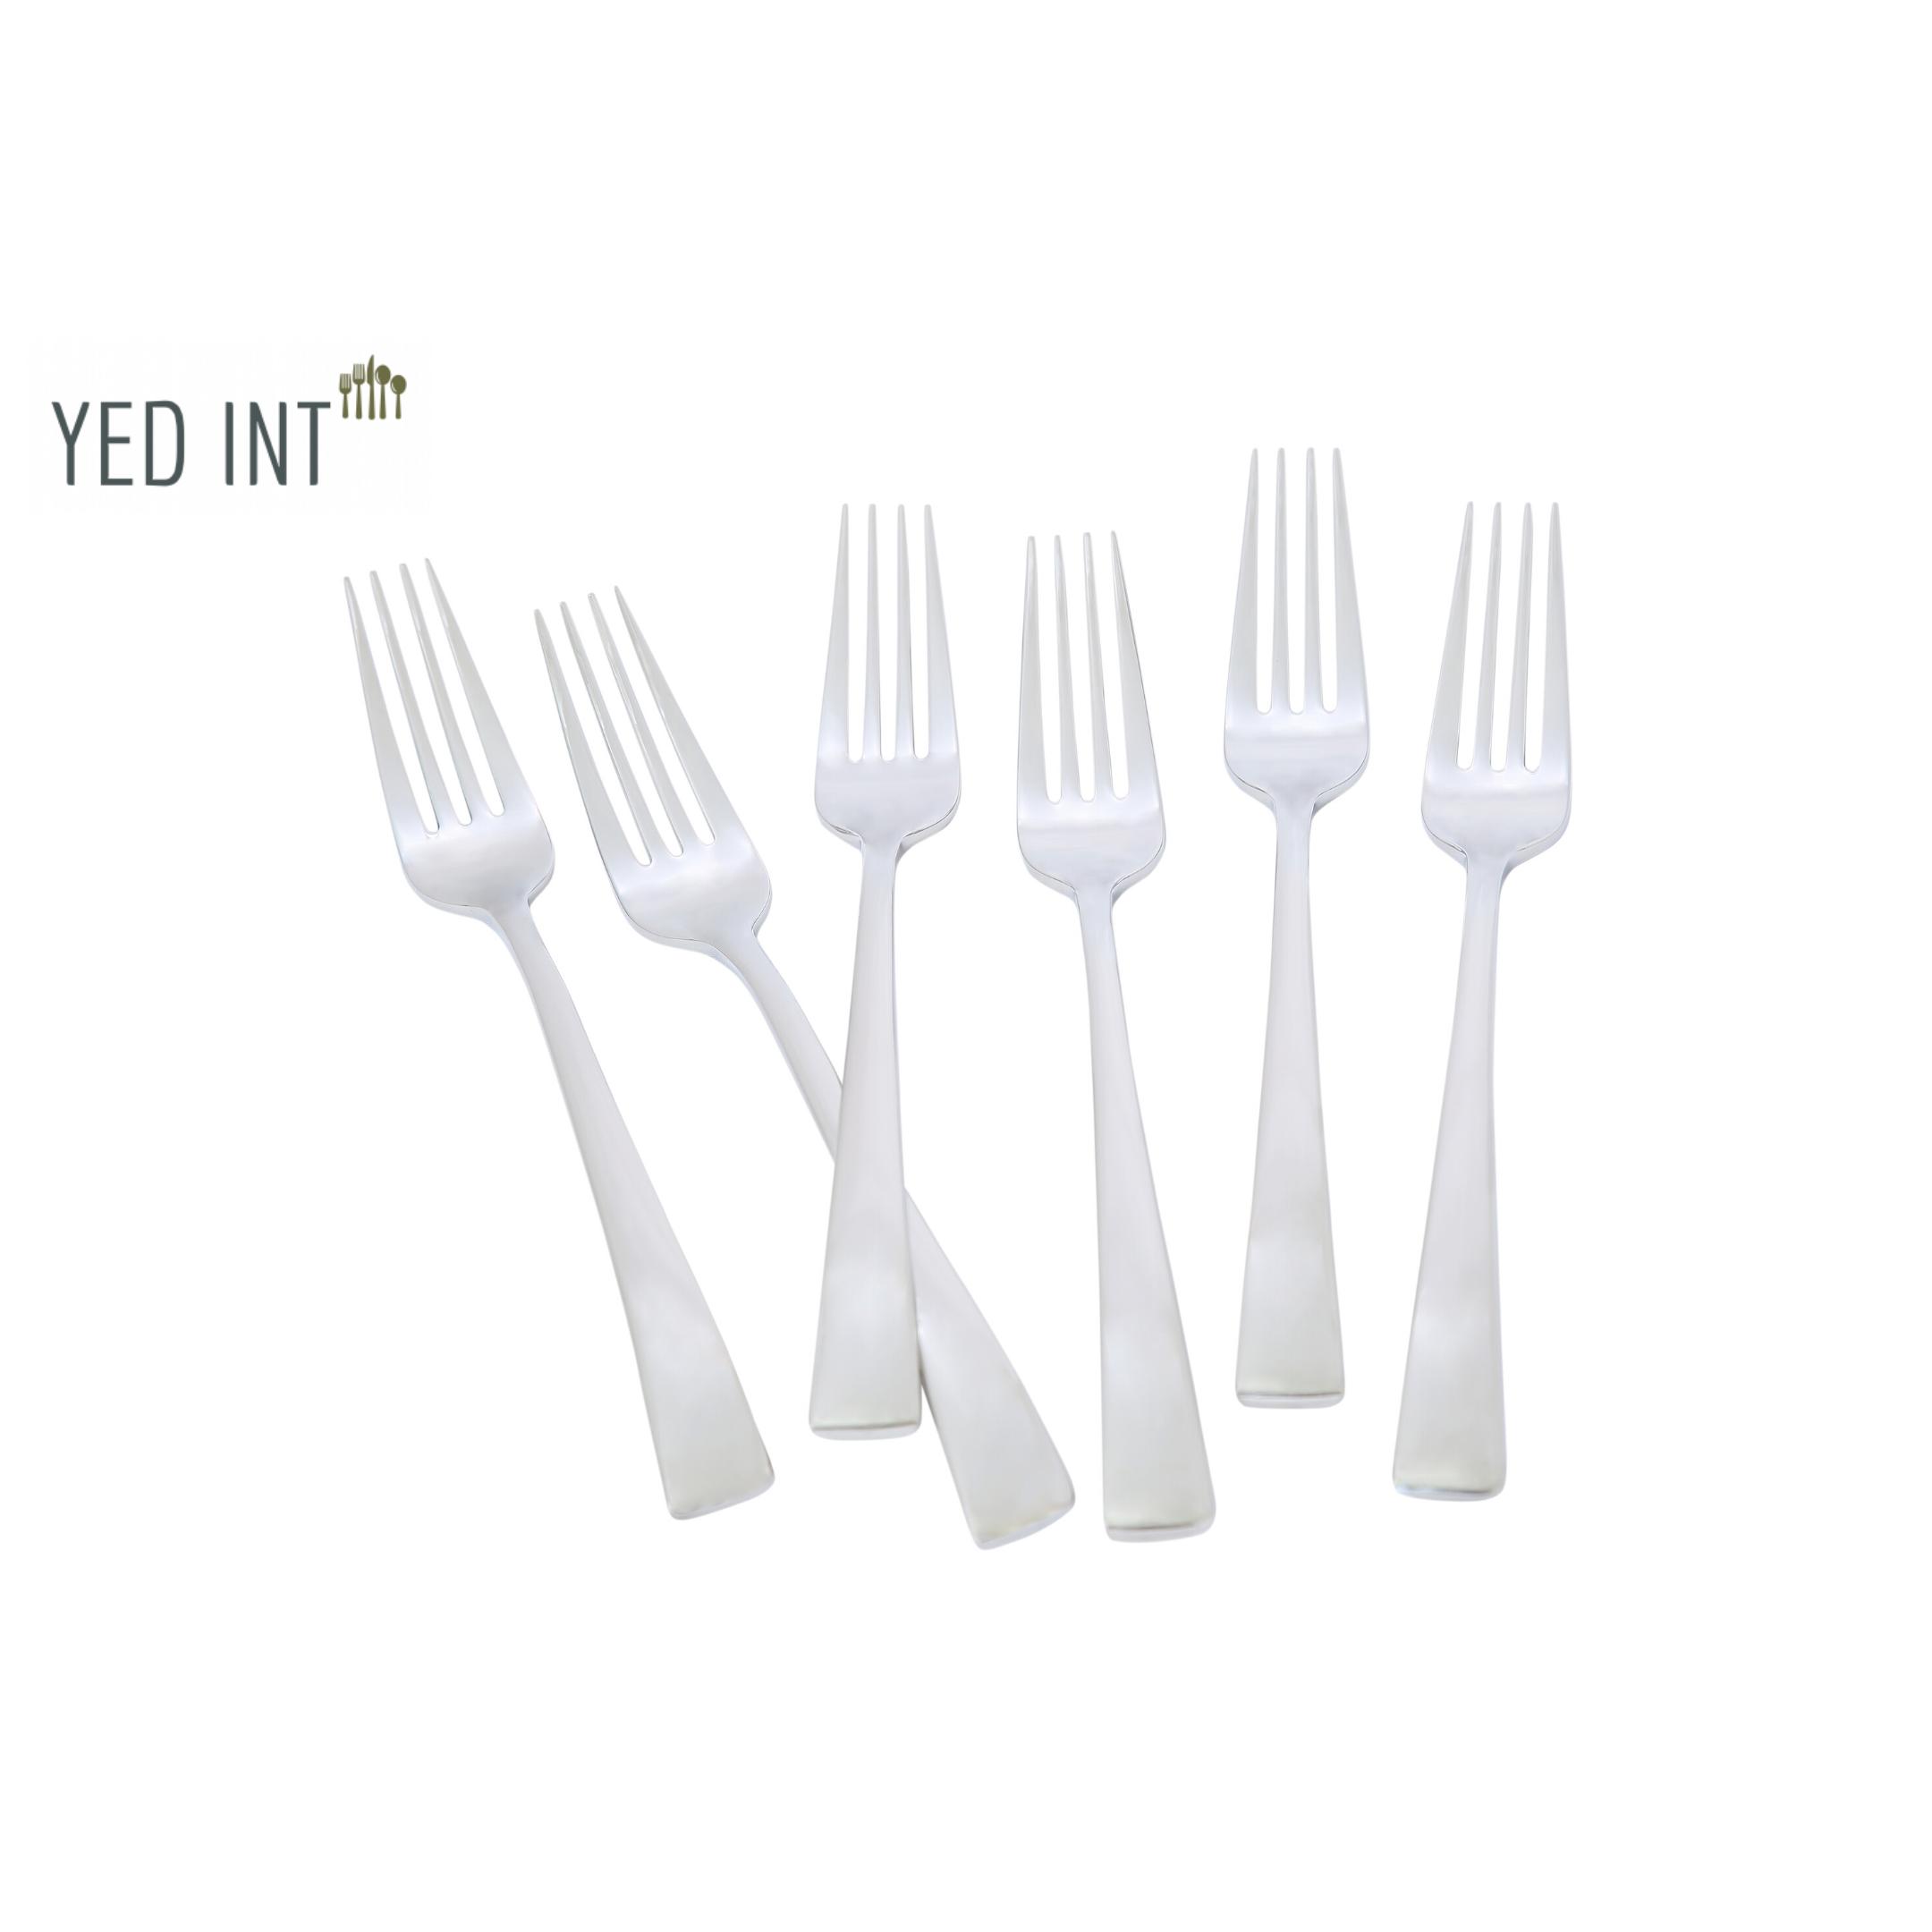 Bộ 6 Nĩa Ăn Thép Không Gỉ Cao Cấp Inox 304 18/10 Bouscoe Nĩa Chính Stainless Steel 304 18/10 Table Fork